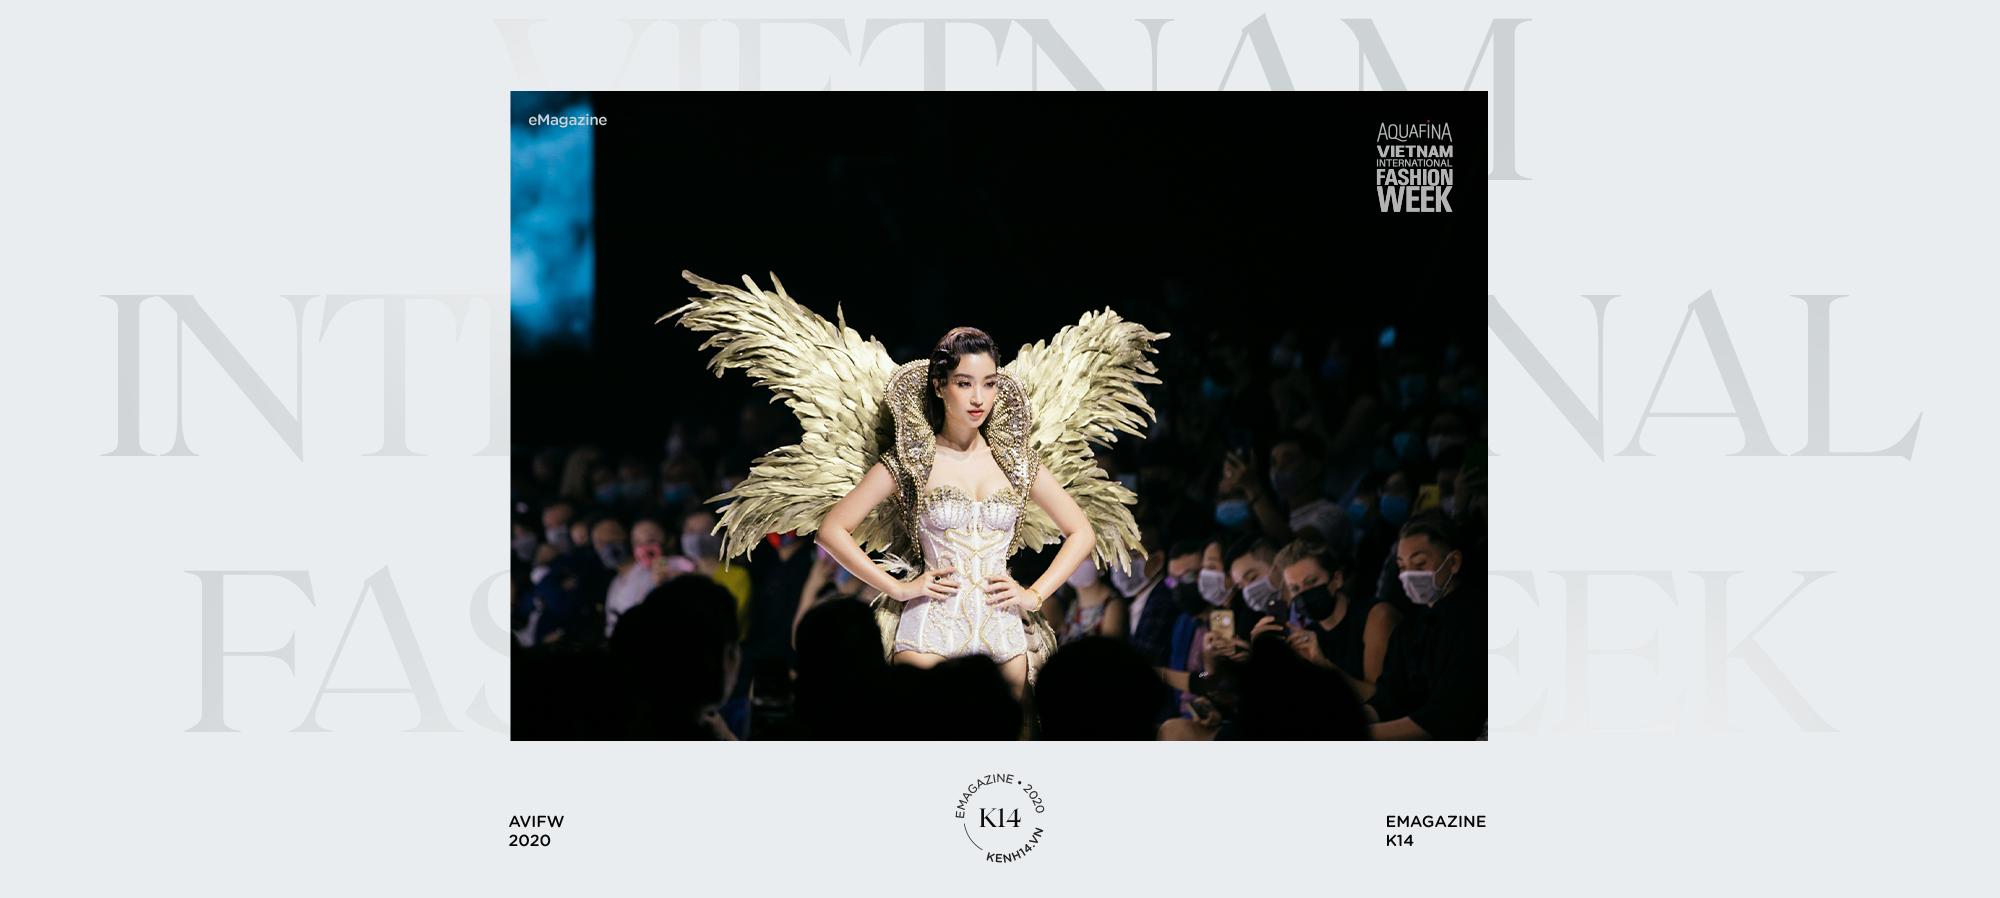 """2020: Khi các kinh đô thế giới cũng phải tạm im tiếng thì dòng chảy thời trang Việt vẫn mãnh liệt khẳng định: """"Tương lai bắt đầu từ hôm nay!"""" - Ảnh 10."""